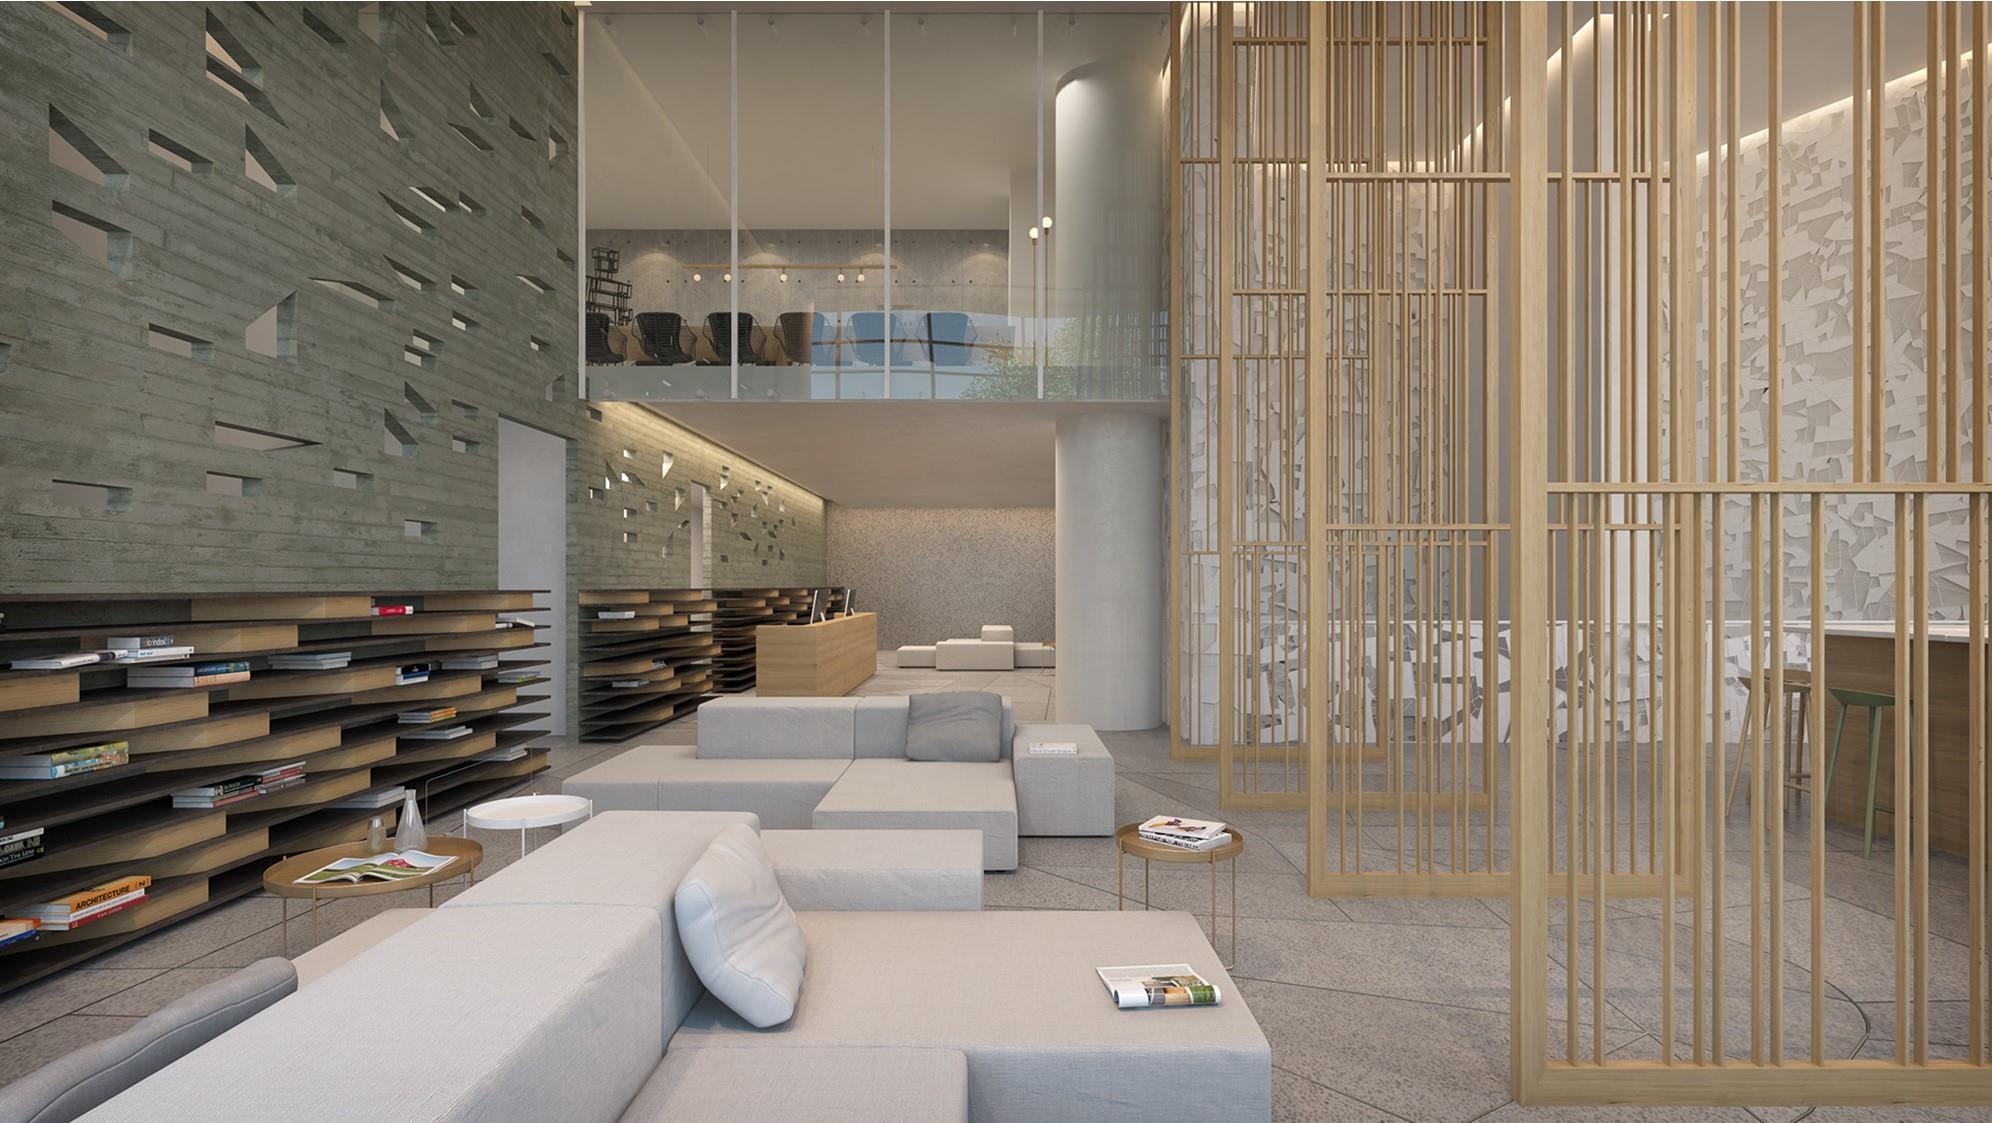 C2 מלון וספא. תכנון: ברנוביץ-עמית, פיצו קדם ואירנה גולדברג. הדמיה: סטודיו בונסאי